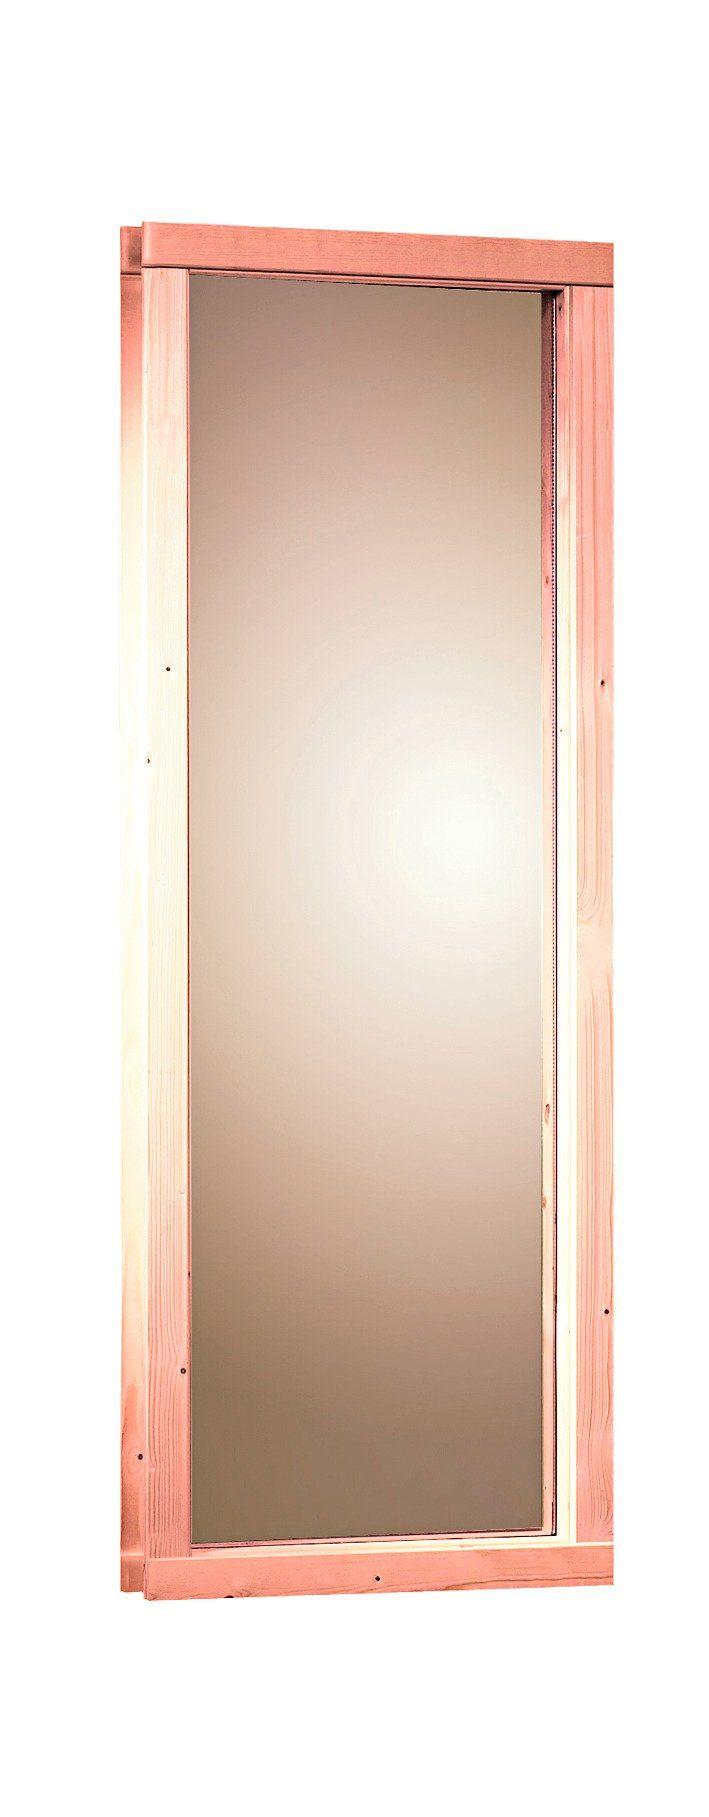 Karibu Saunafenster, für 68 mm Sauna, BxH: 43x102 cm